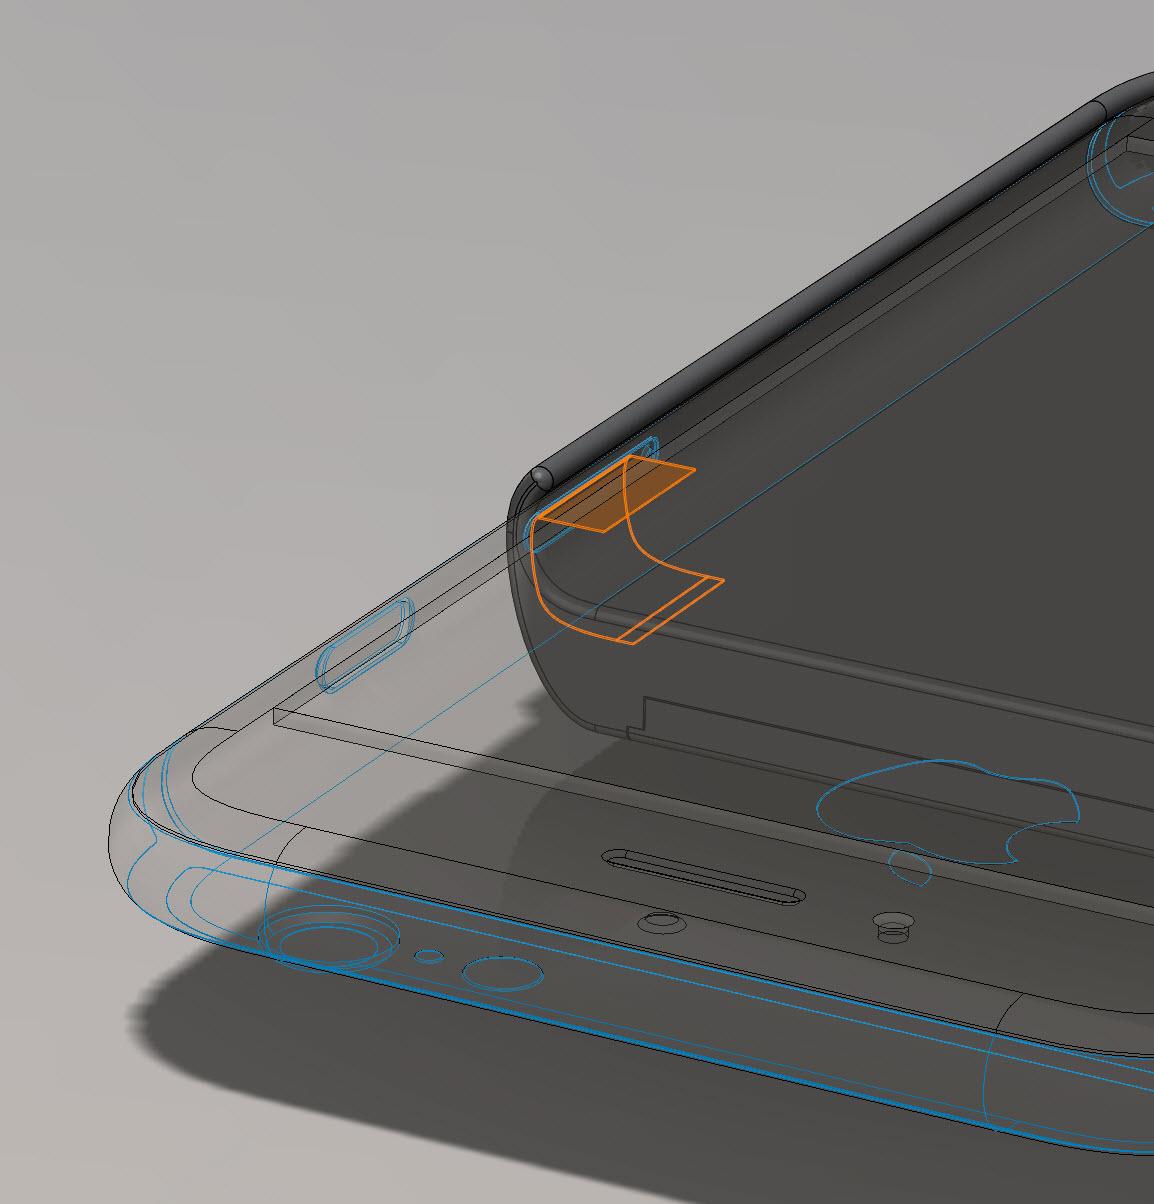 Контакты будут выведены наружу через слот для SIM-карт